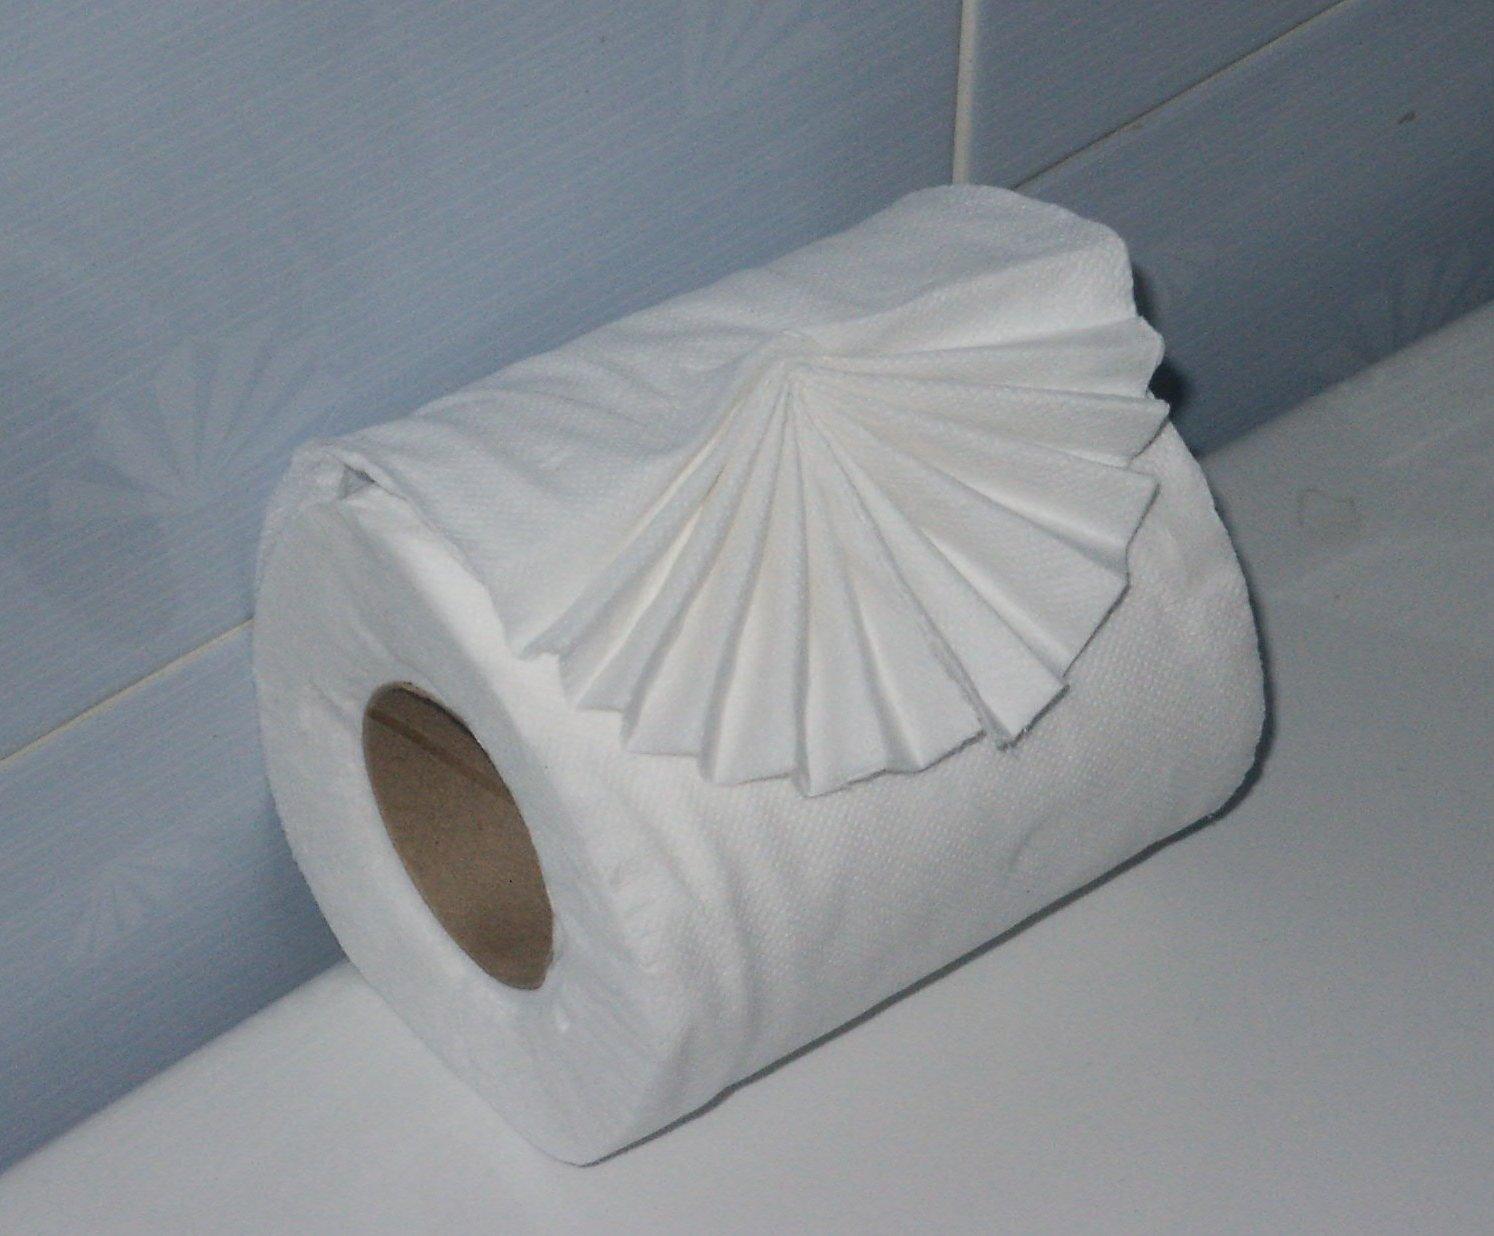 Fabriquer Un Dévidoir Papier Toilette pliage du papier toilette dans les hôtels — wikipédia